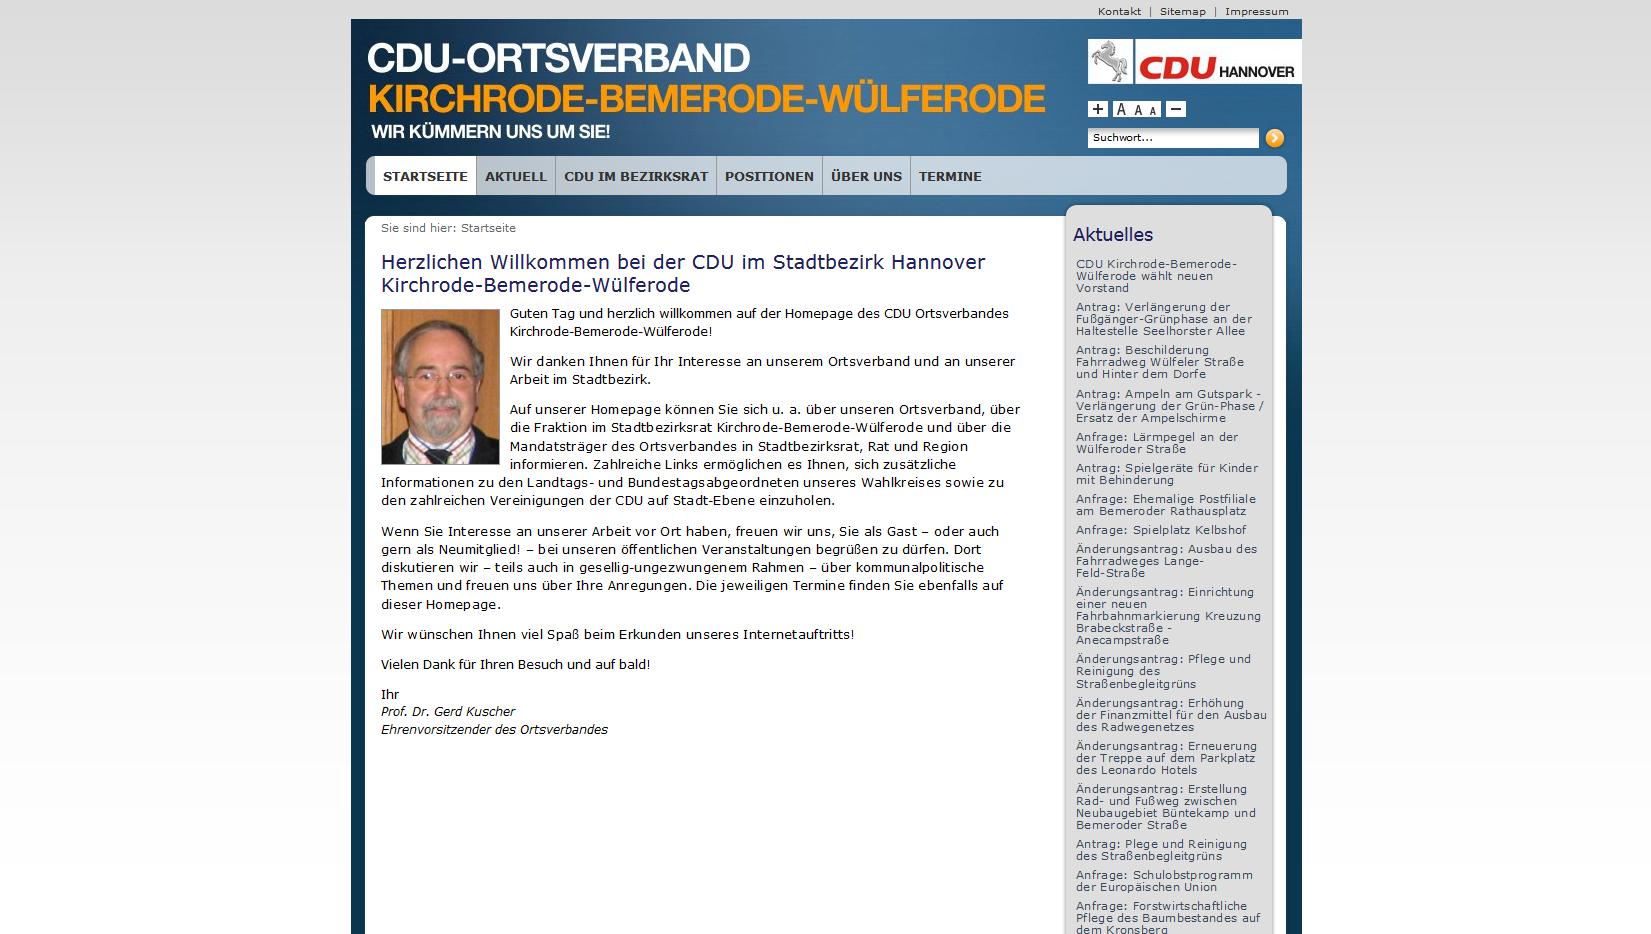 CDU-Bemerode.de